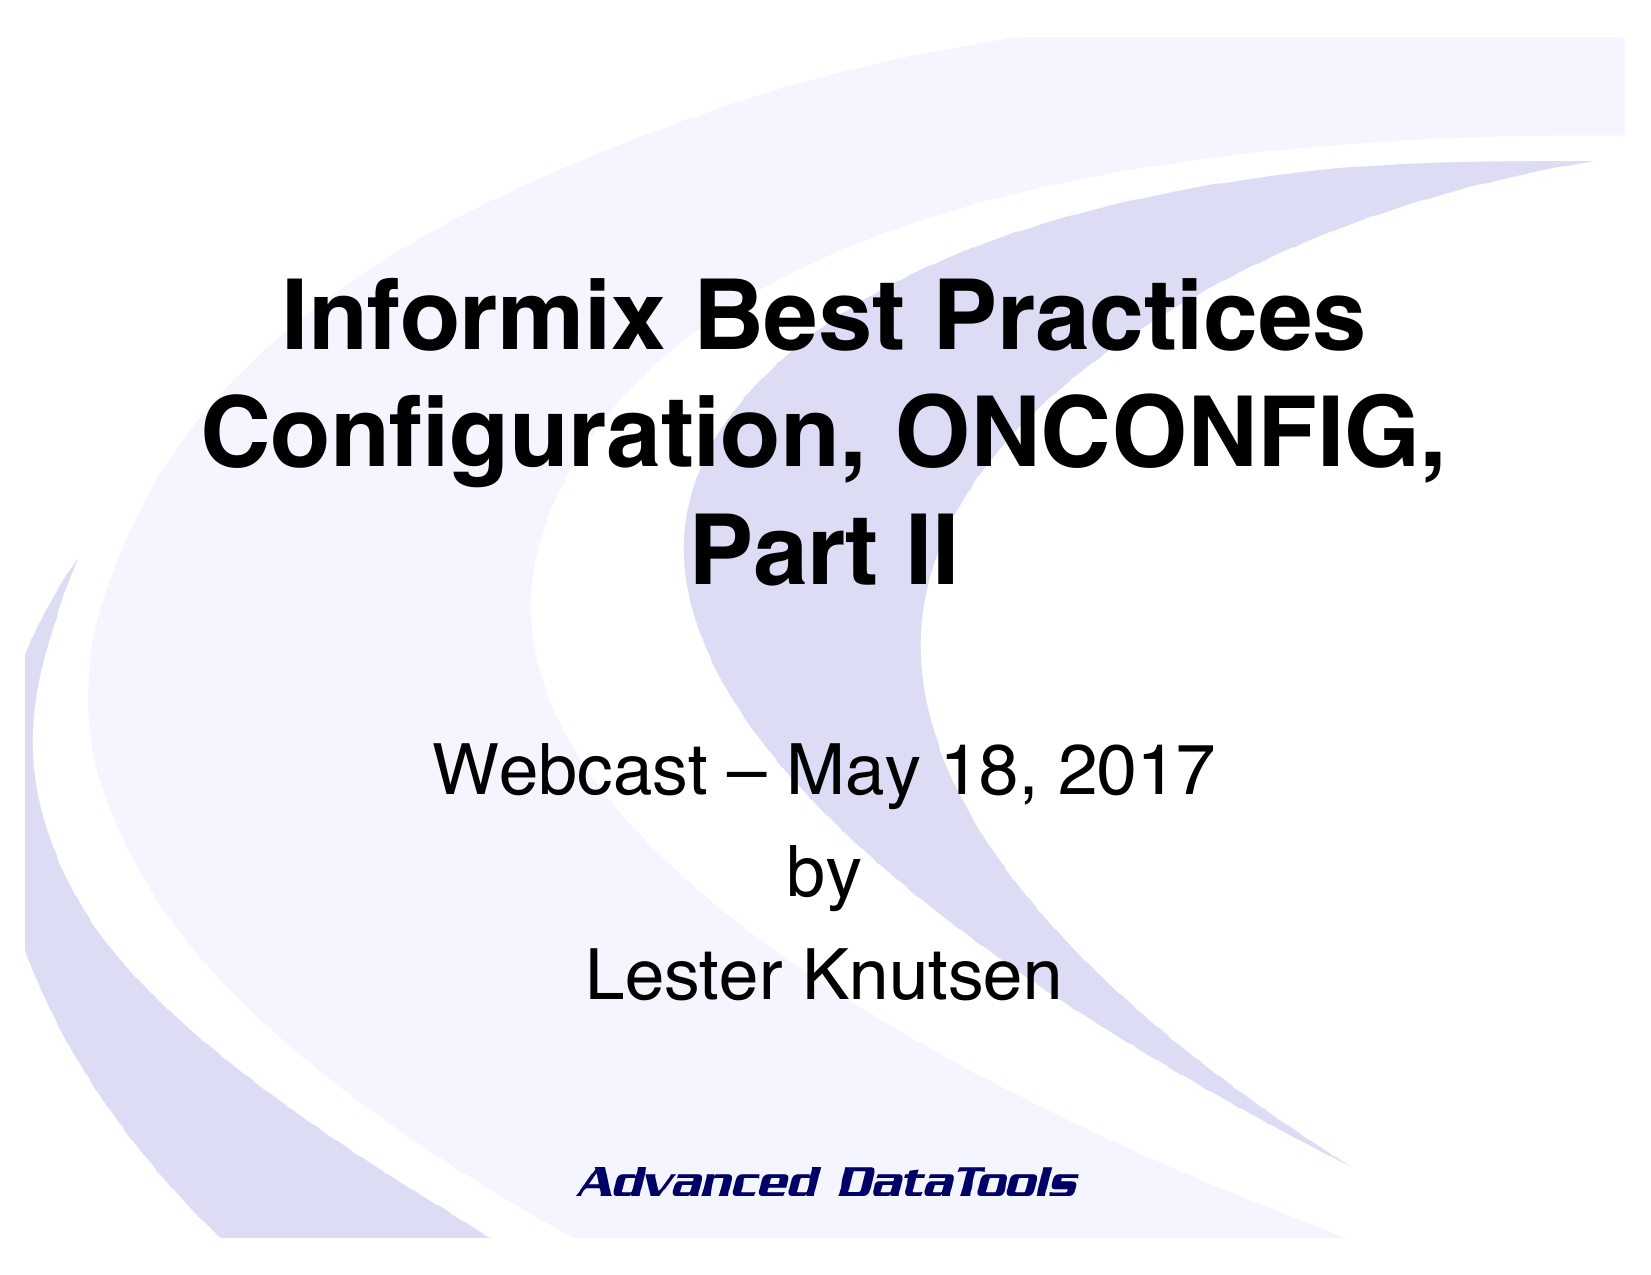 InformixBestPractices-ONCONFIG-2